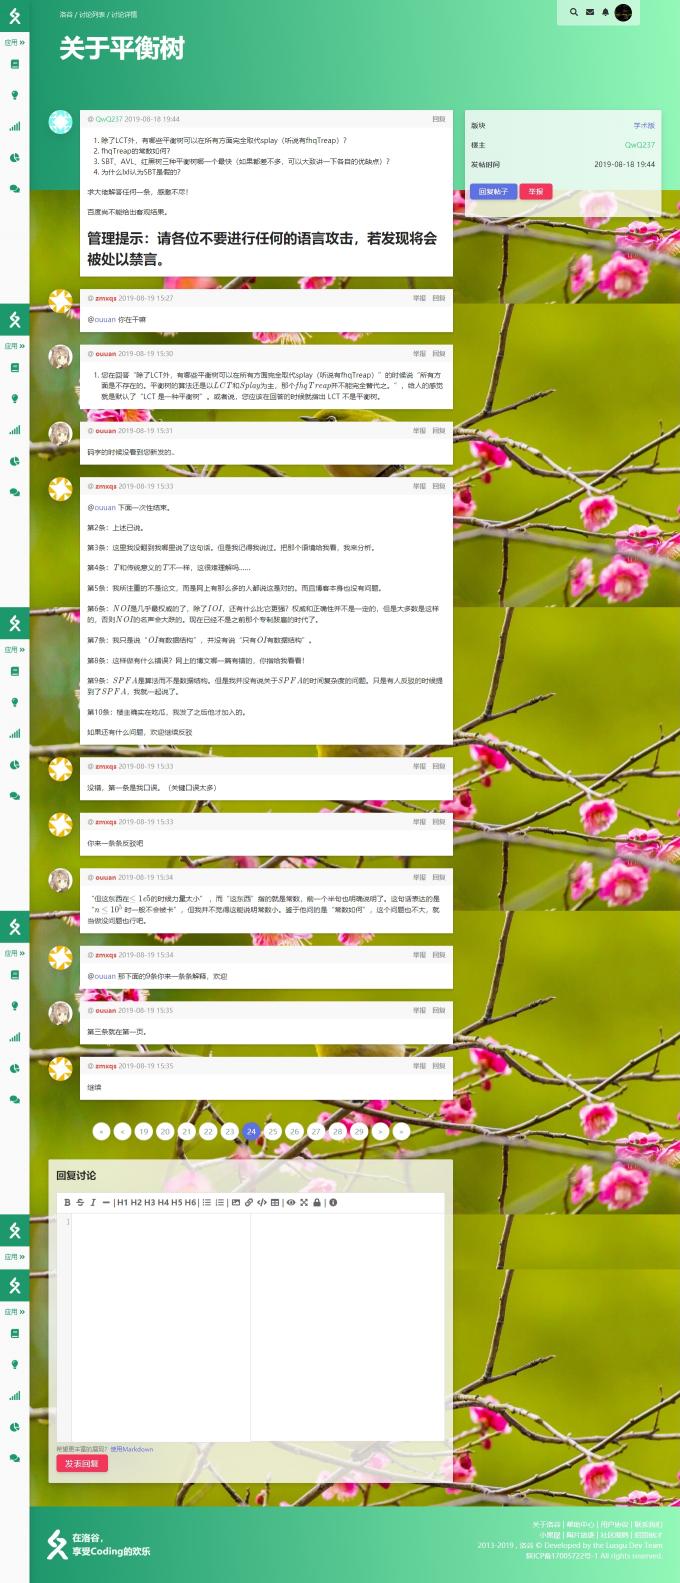 luogu.org 关于平衡树 洛谷计算机科学教育新生态 (24)